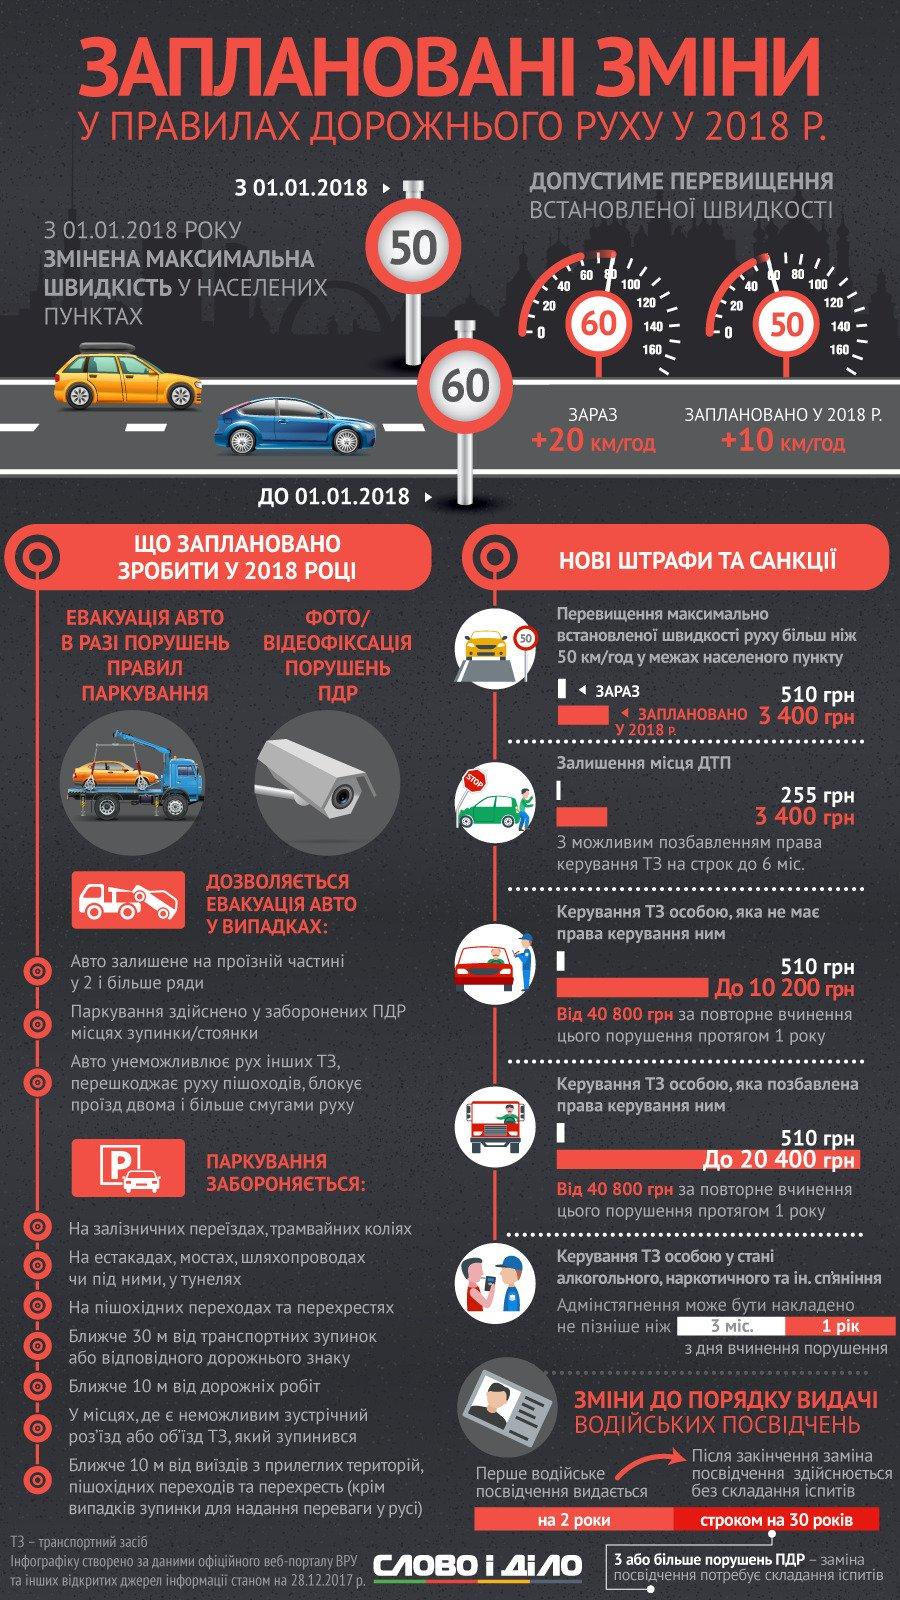 Какие изменения ПДД ждут украинских водителей с 1 января: инфографика